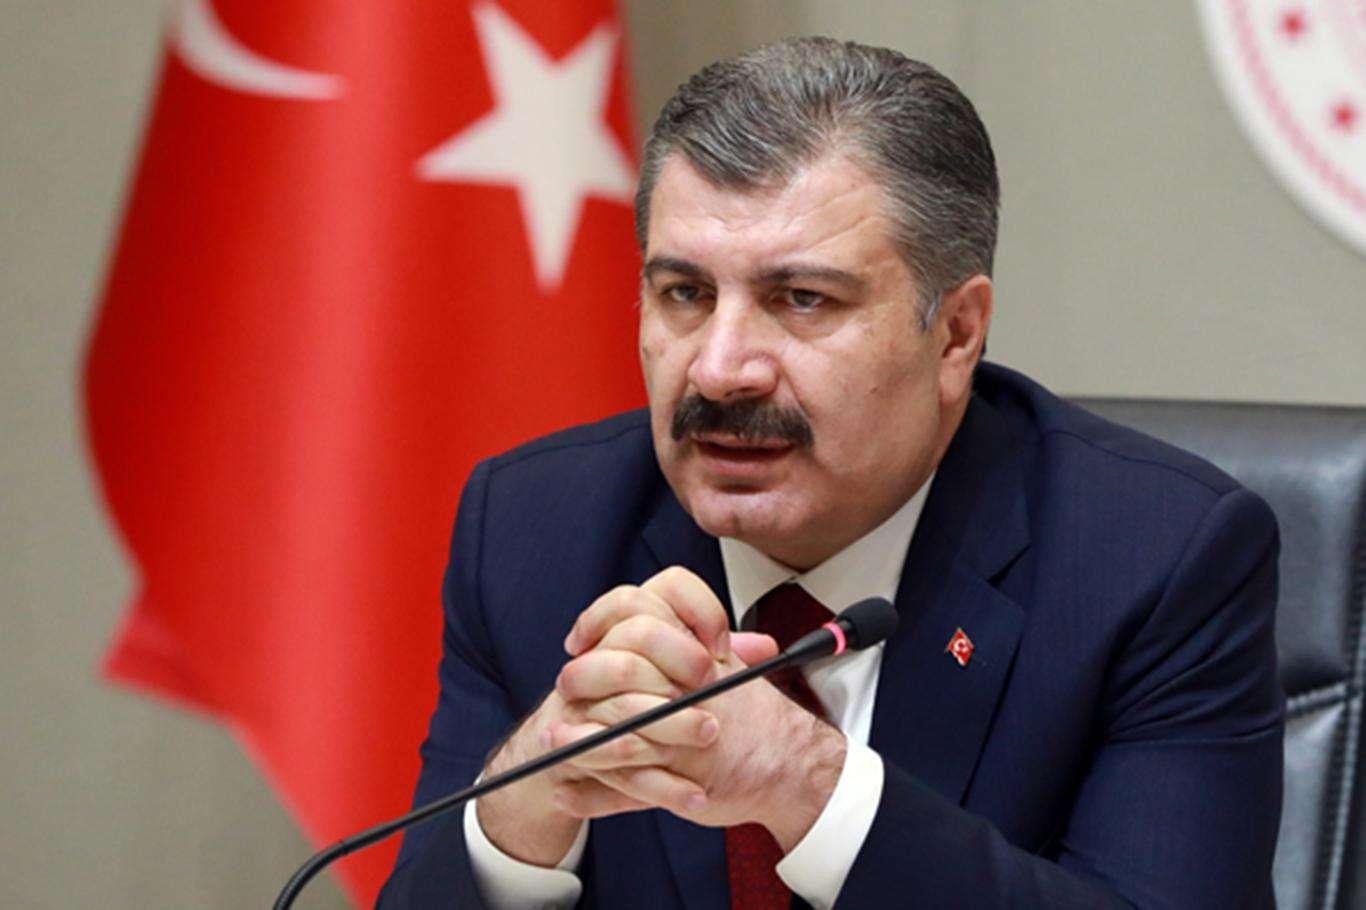 Türkiyede Covid-19 nedeniyle 231 kişi vefat etti, 27 bin 688 yeni vaka tespit edildi